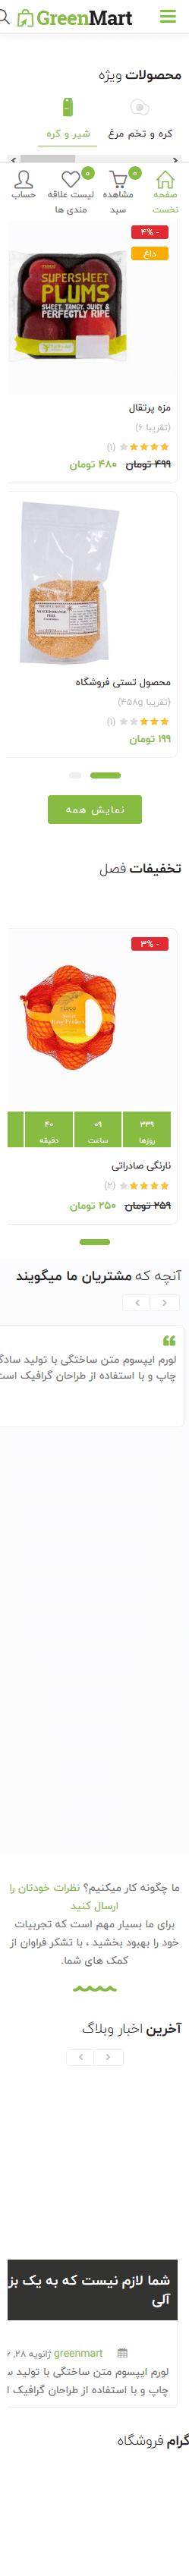 حالت موبایل سایت فروشگاهی آرین شاپ